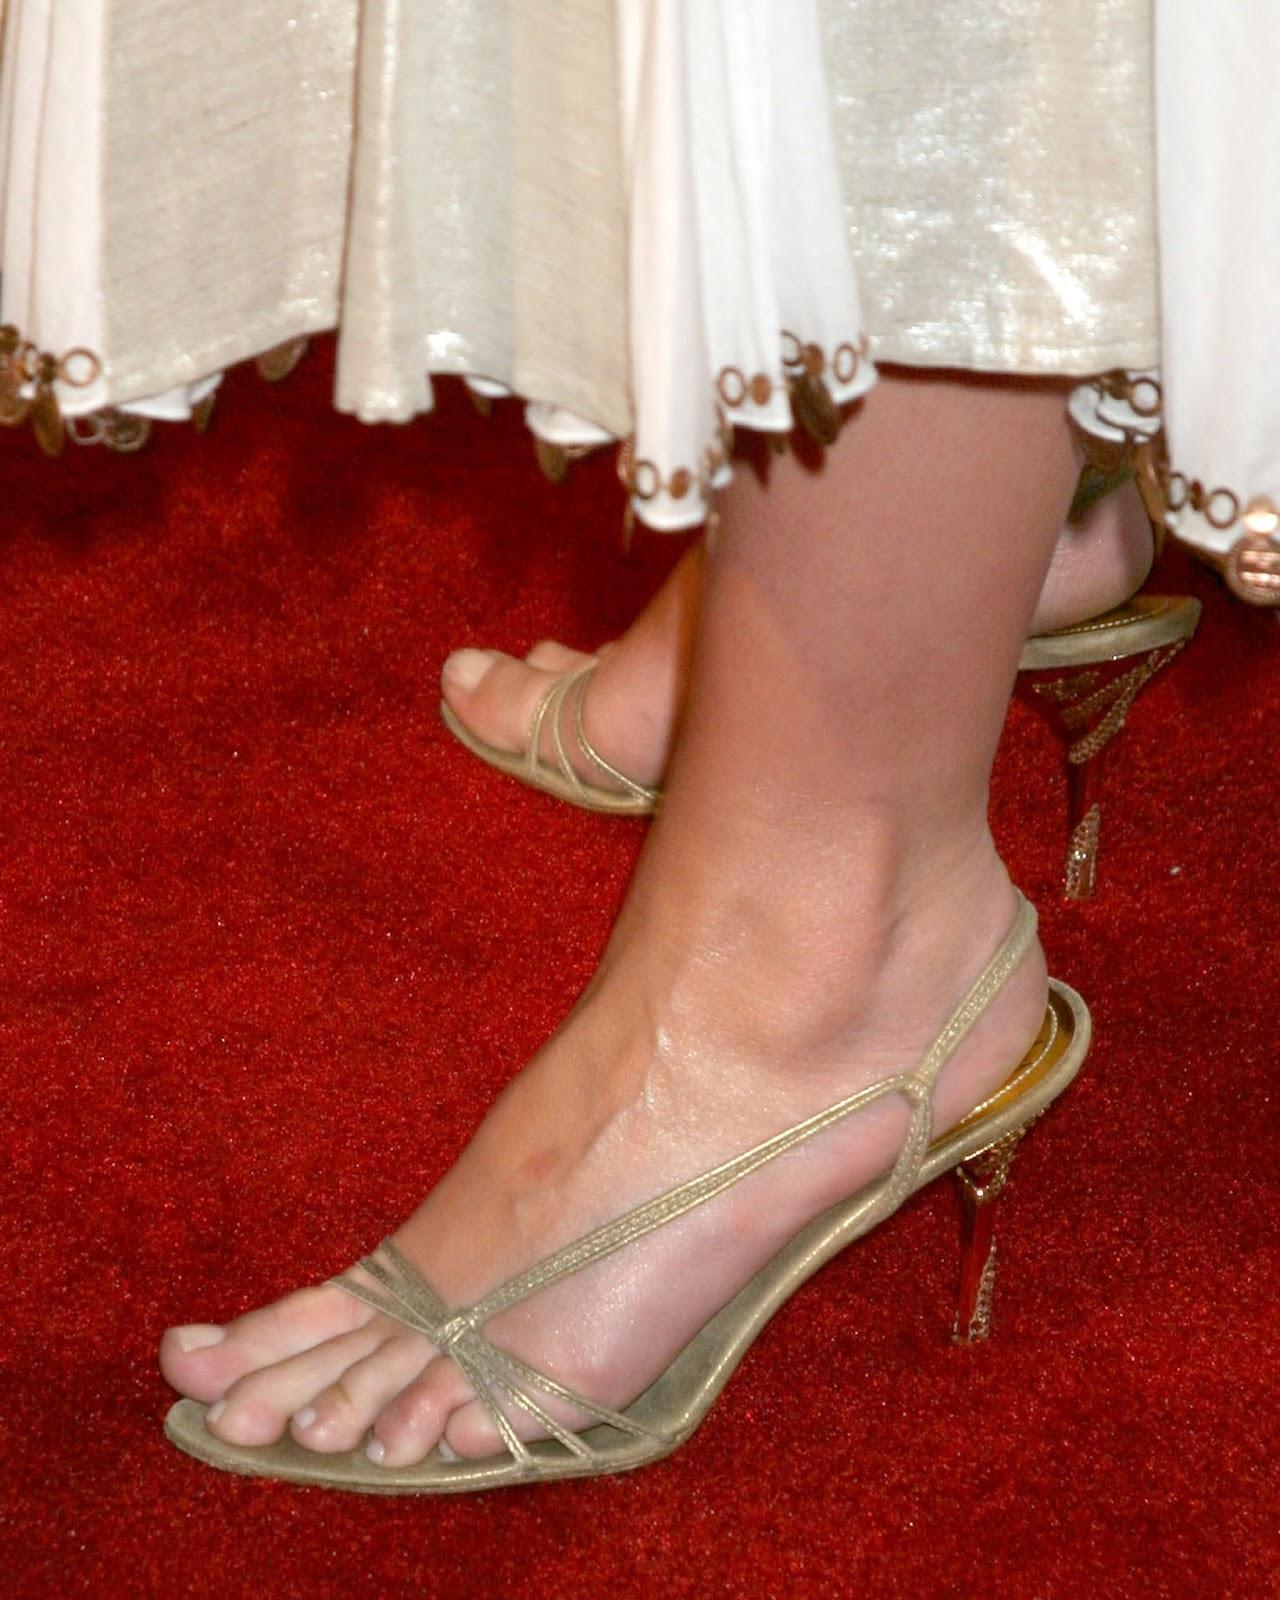 Celebrity Foot Fetish